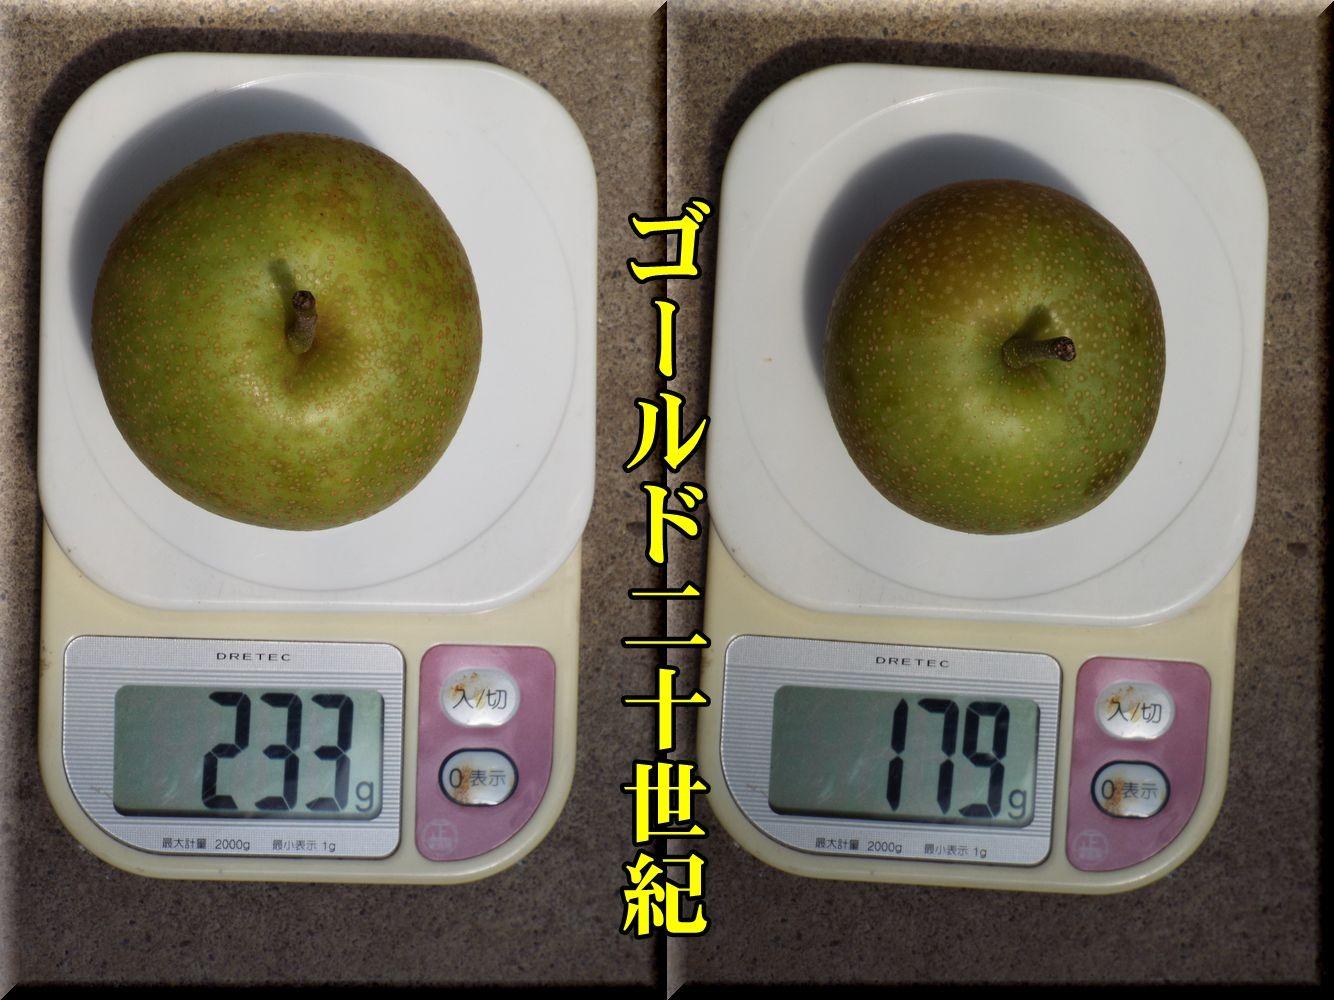 1G20seiki160825_033.jpg